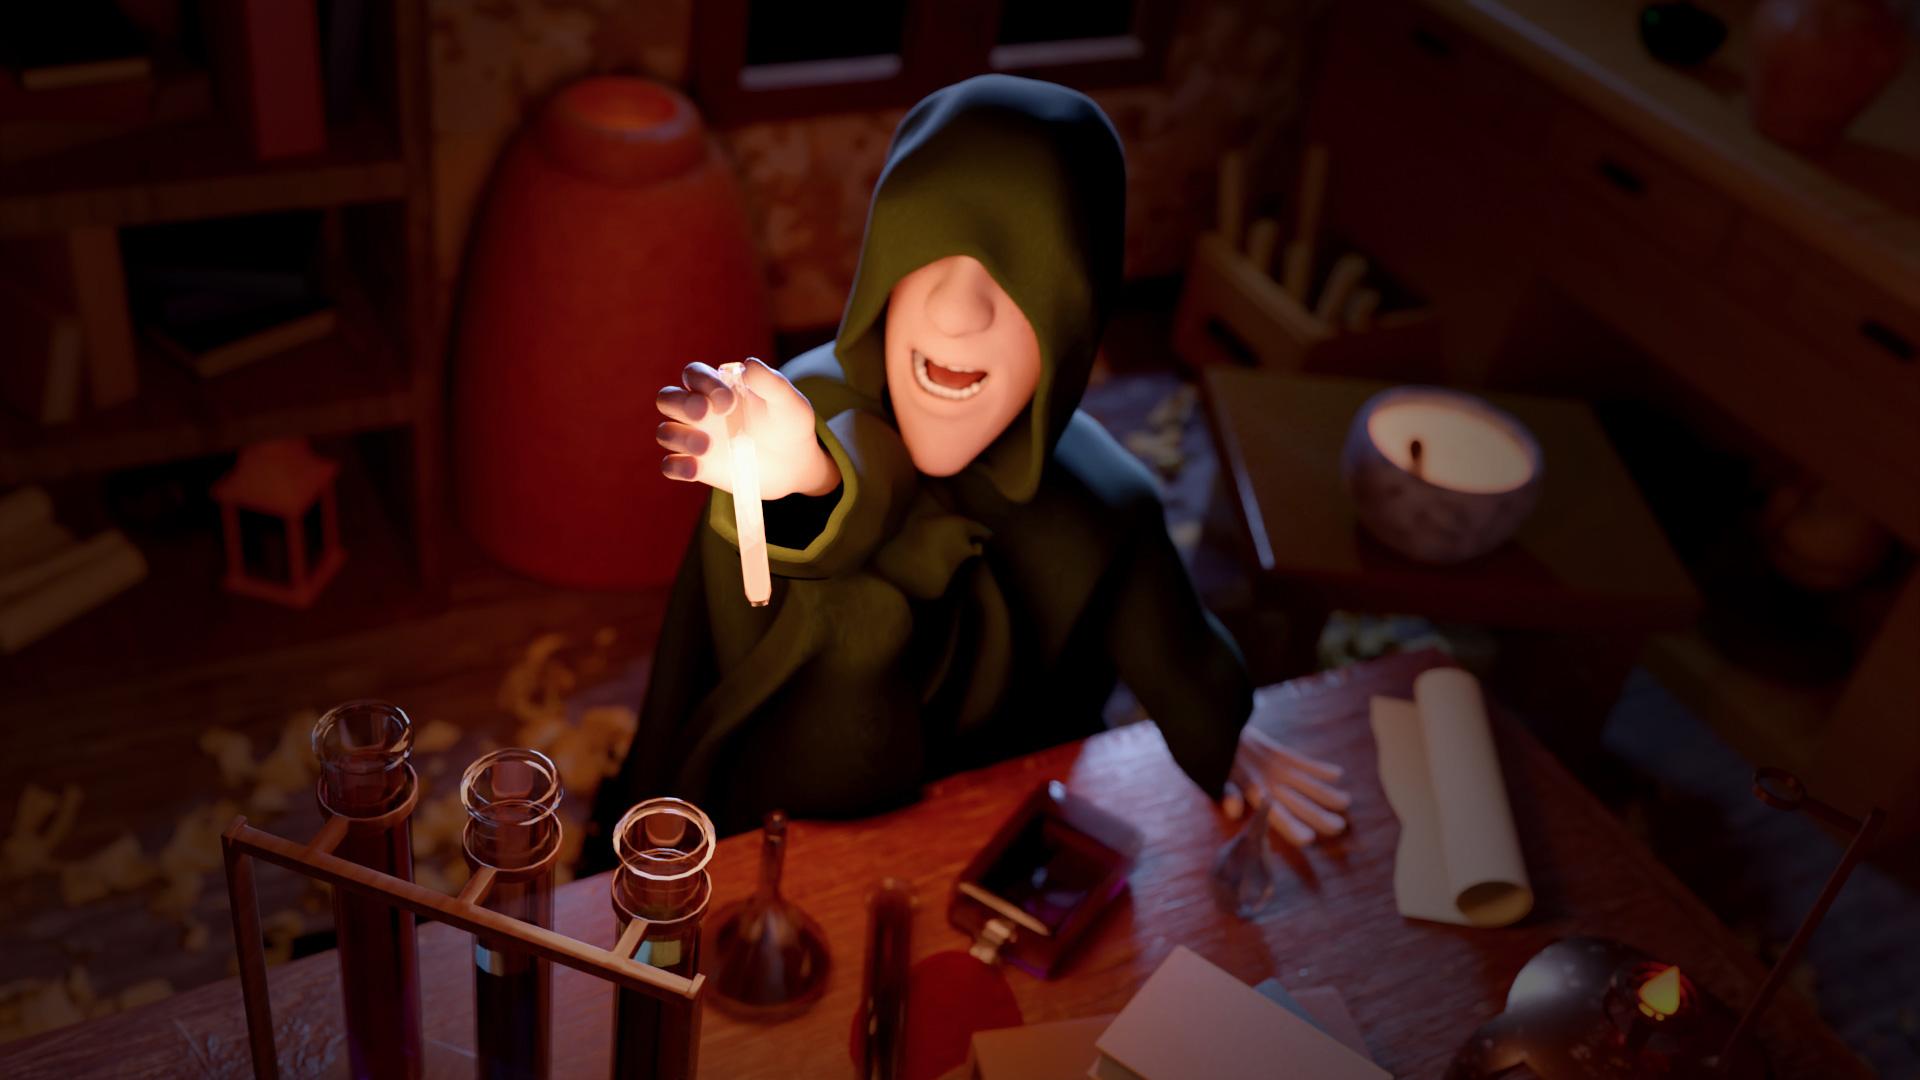 Alchimista con mantello tira verso l'alto una boccetta contenente liquido luminescente